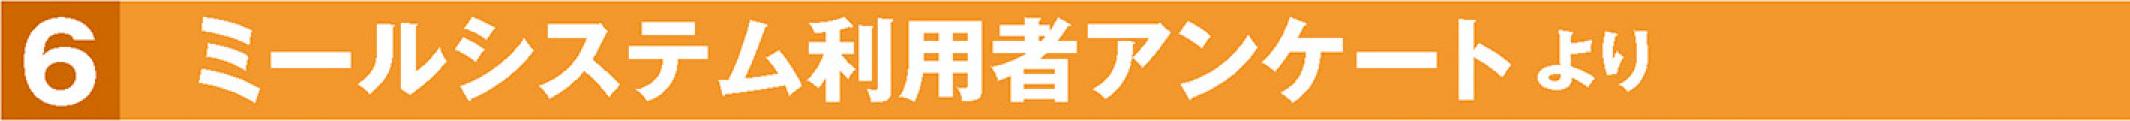 6.生協食堂定期券 ミールシステム